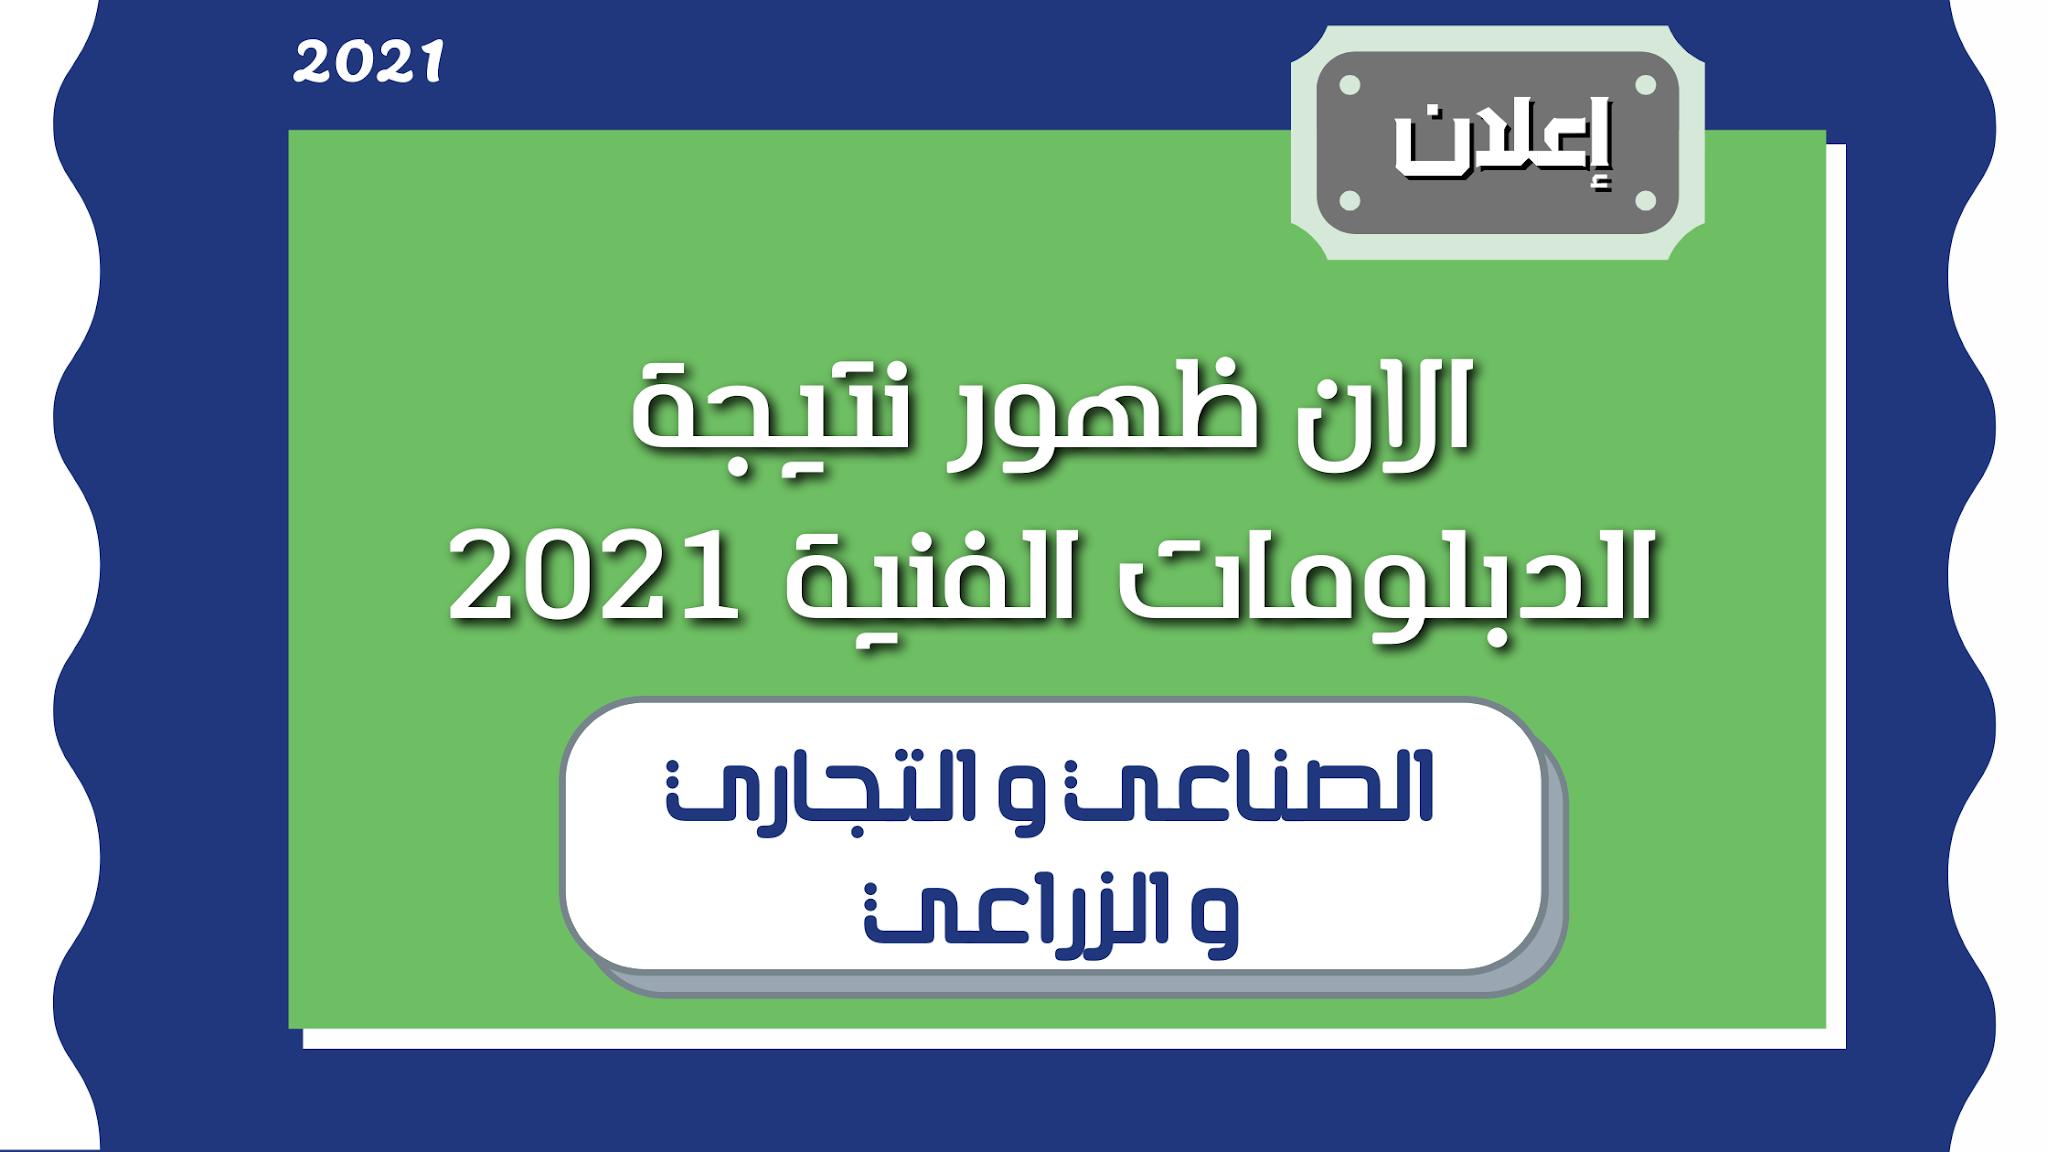 الان استعلم عن نتيجة الدبلومات الفنية 2021 برقم الجلوس عبر موقع وزارة التربية والتعليم